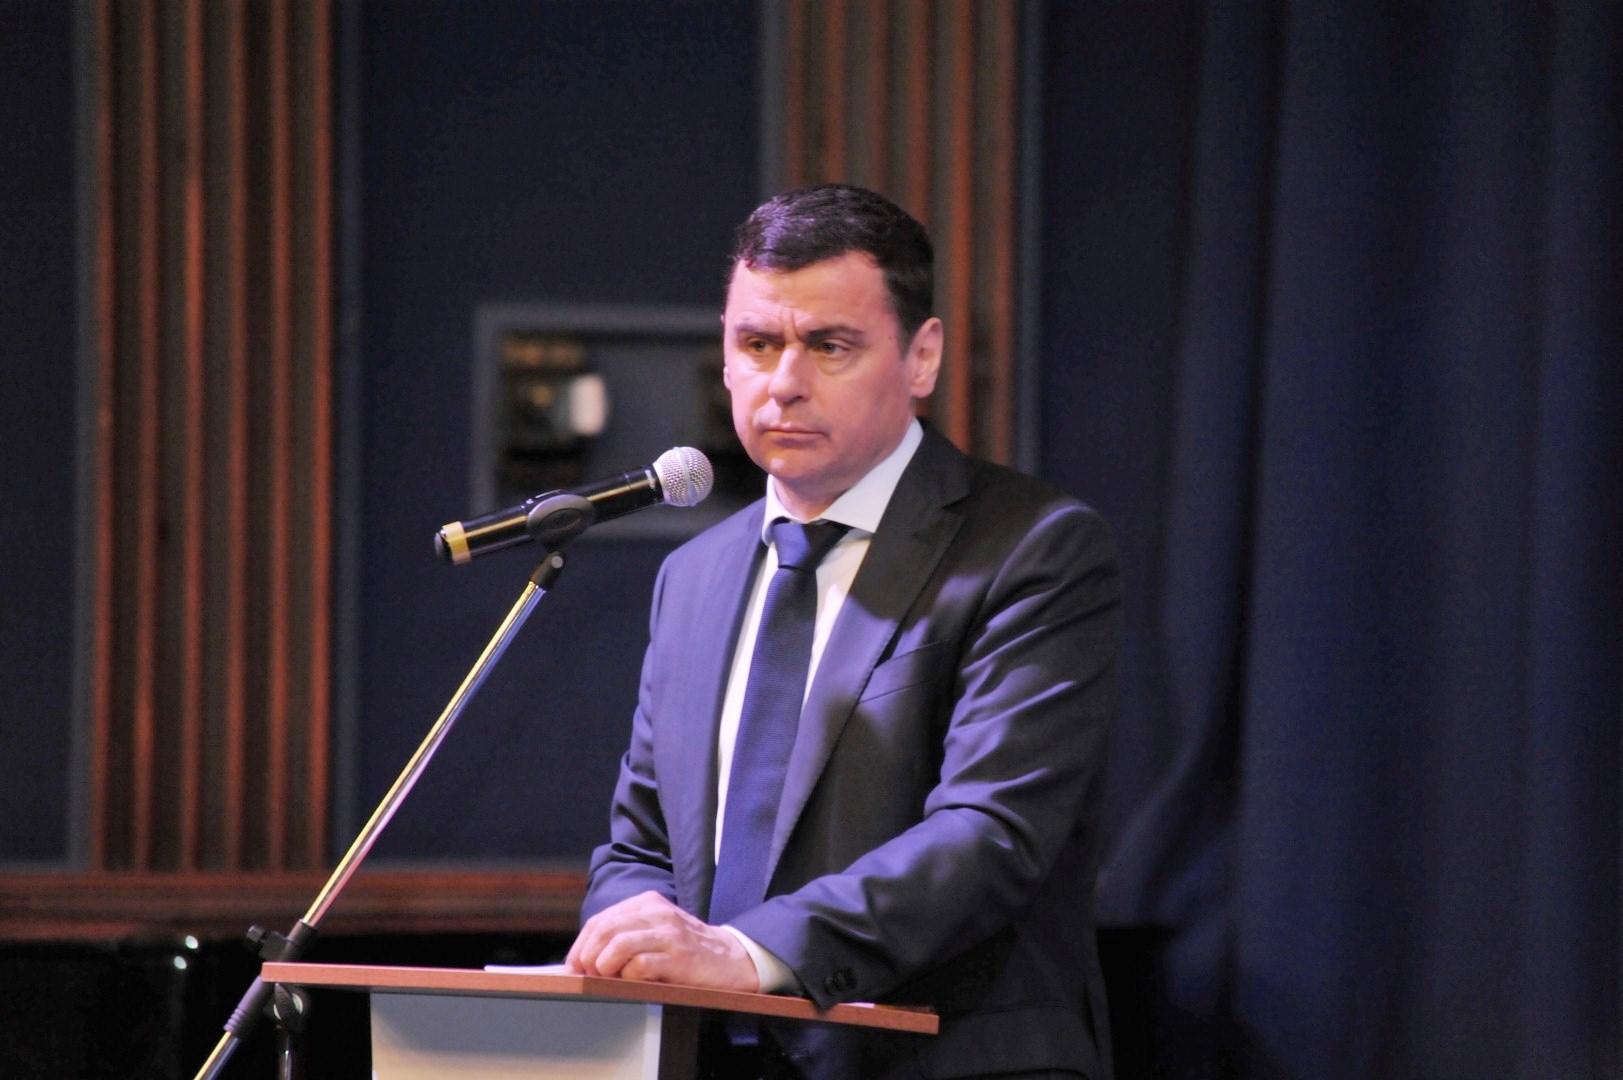 Дмитрий Миронов представил тезисы программы развития области на предварительном голосовании по выборам губернатора